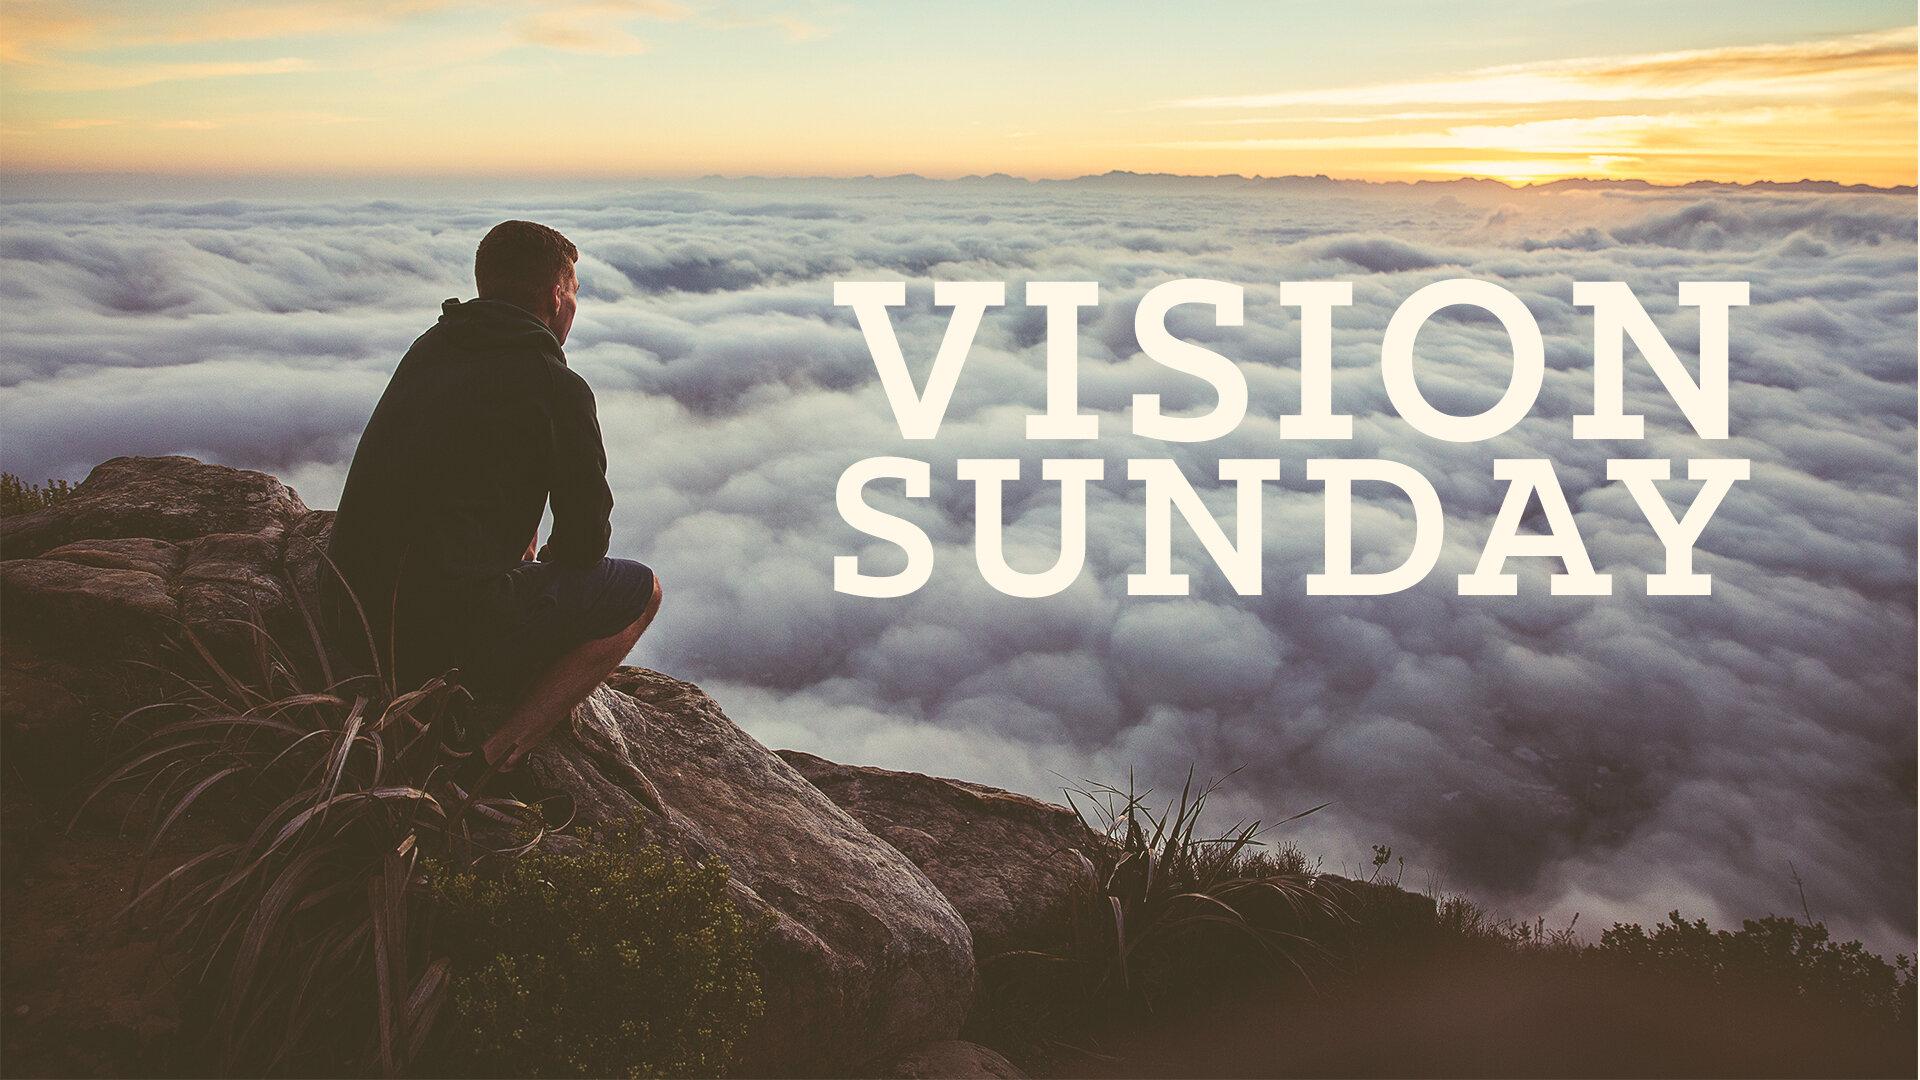 Vision Sunday Slide.jpg